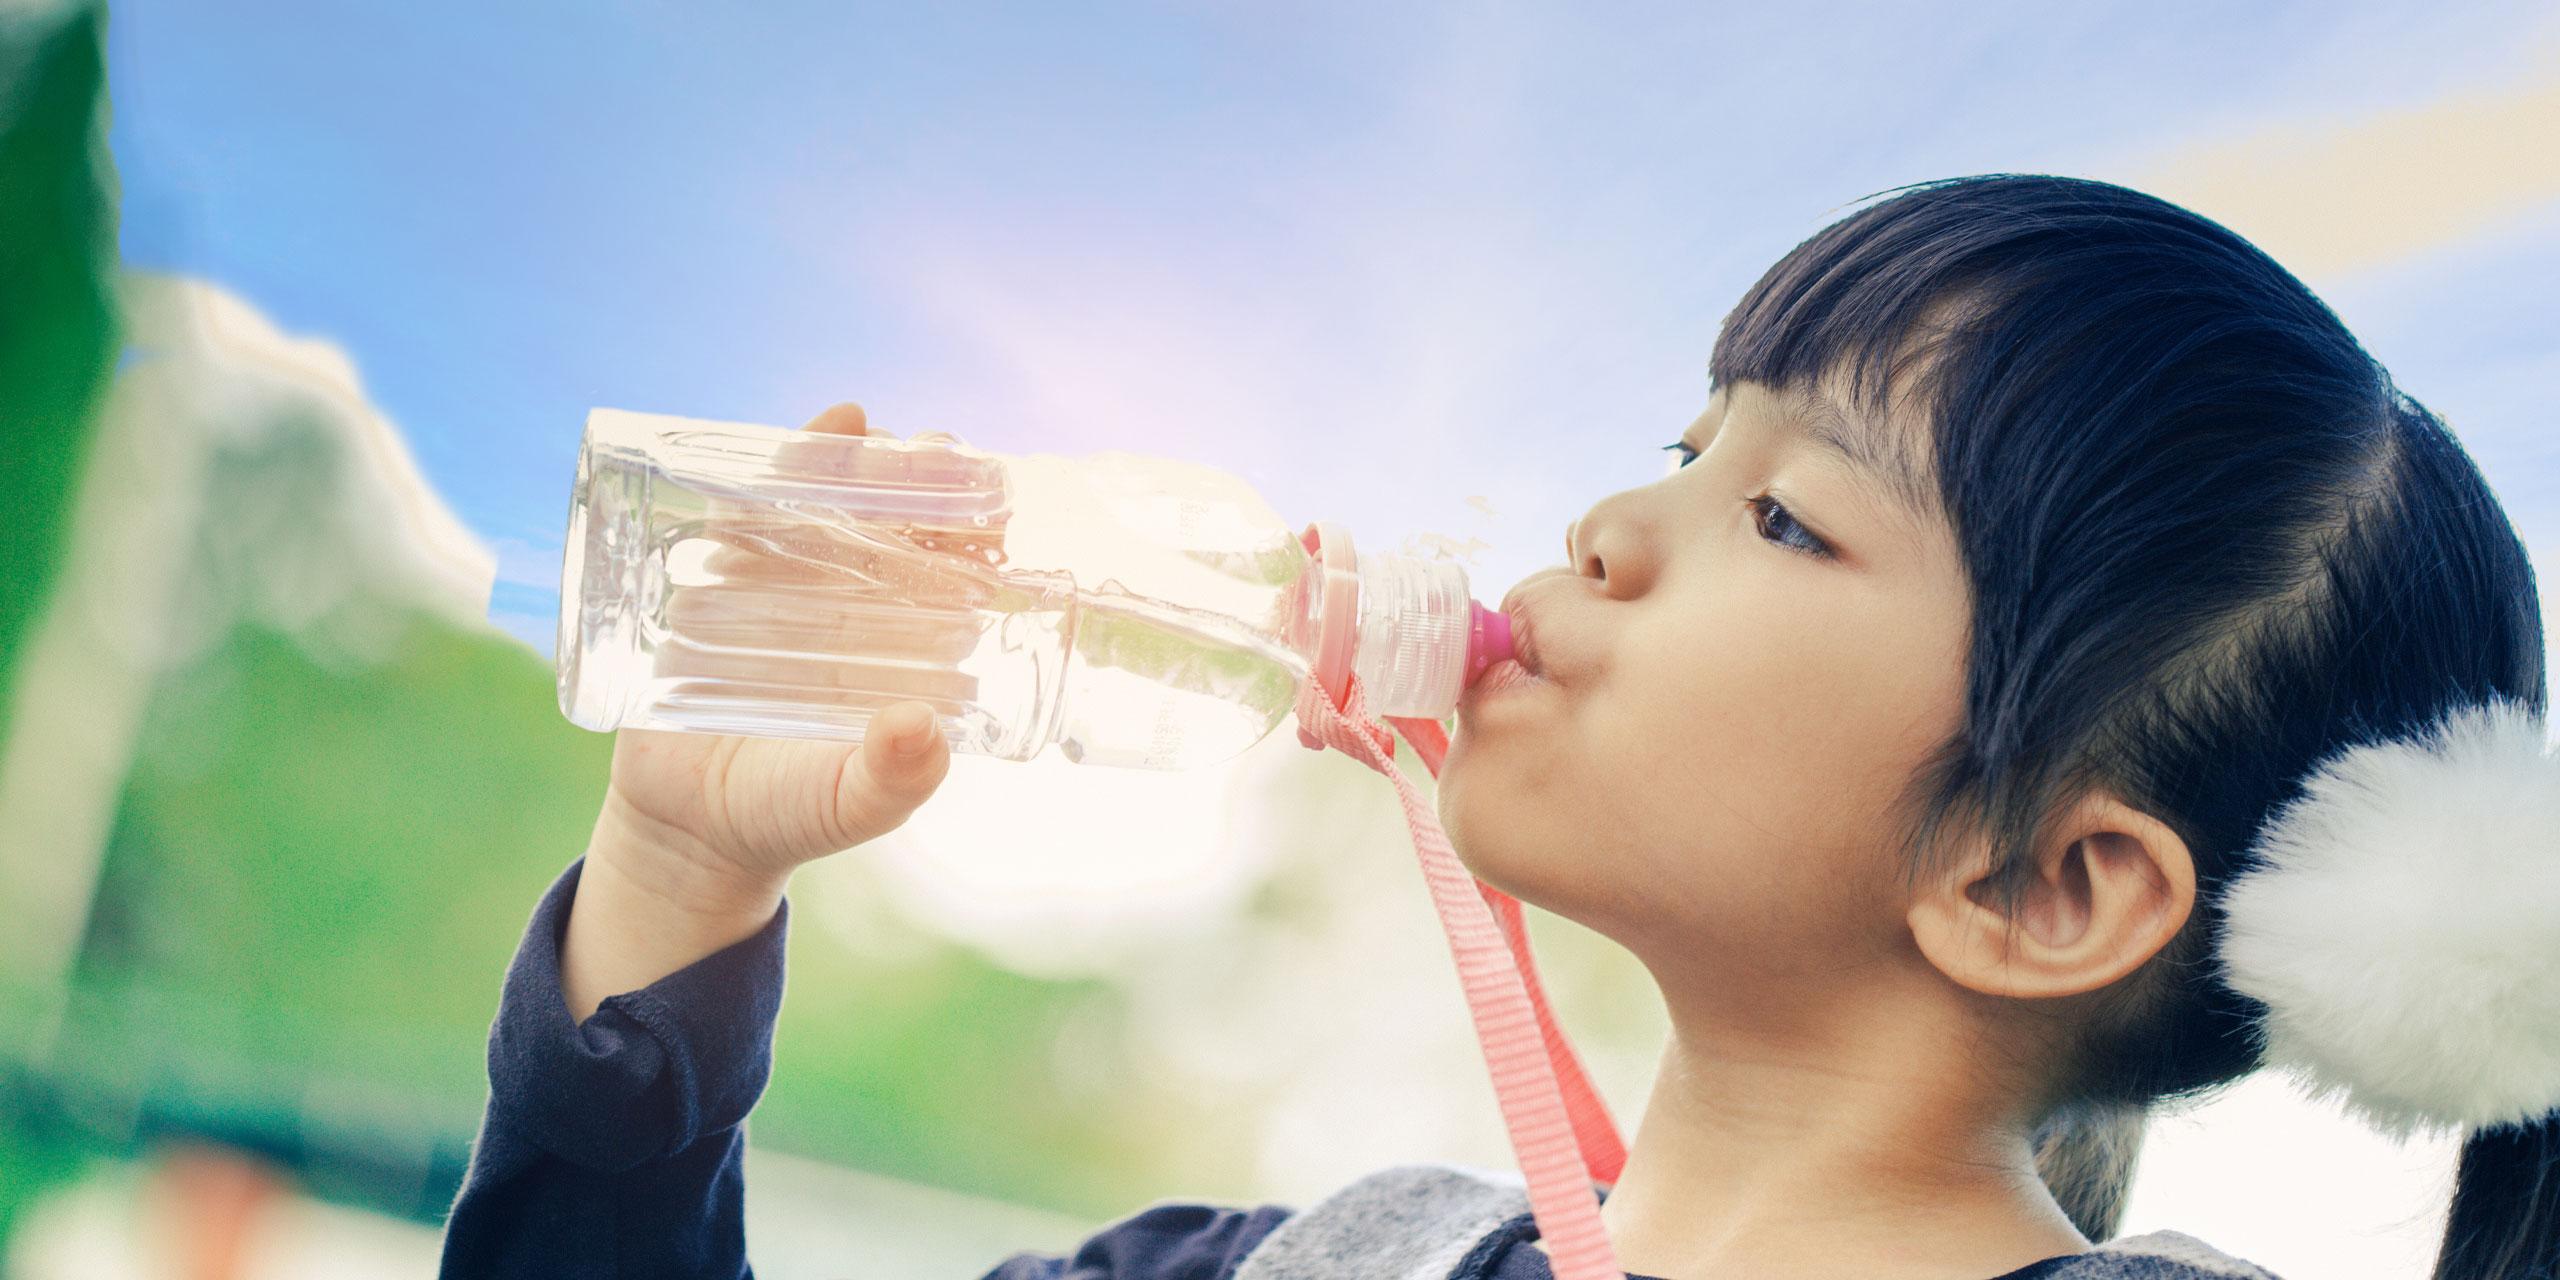 Girl Drinking Water Bottle; Courtesy of Casezy idea/Shutterstock.com